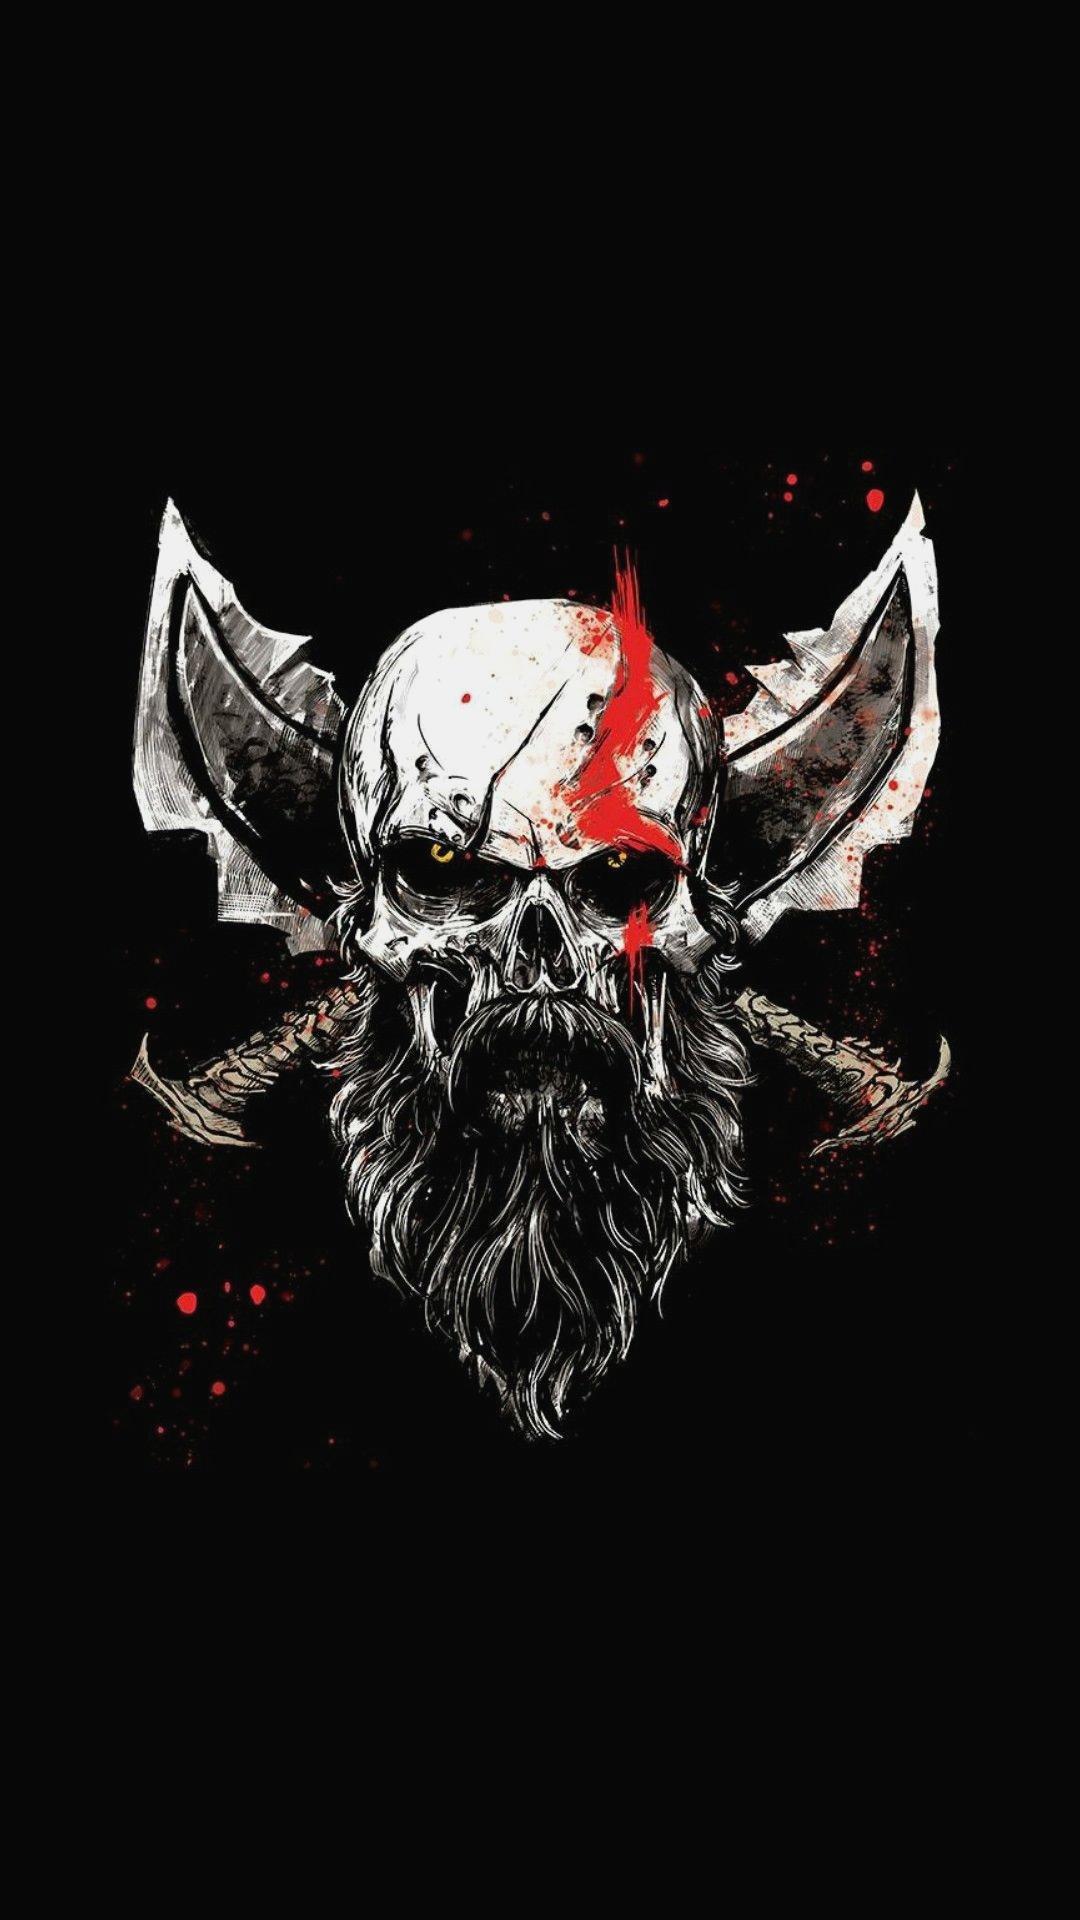 God Of War Wallpaper God Of War Skull 459542 Hd Wallpaper